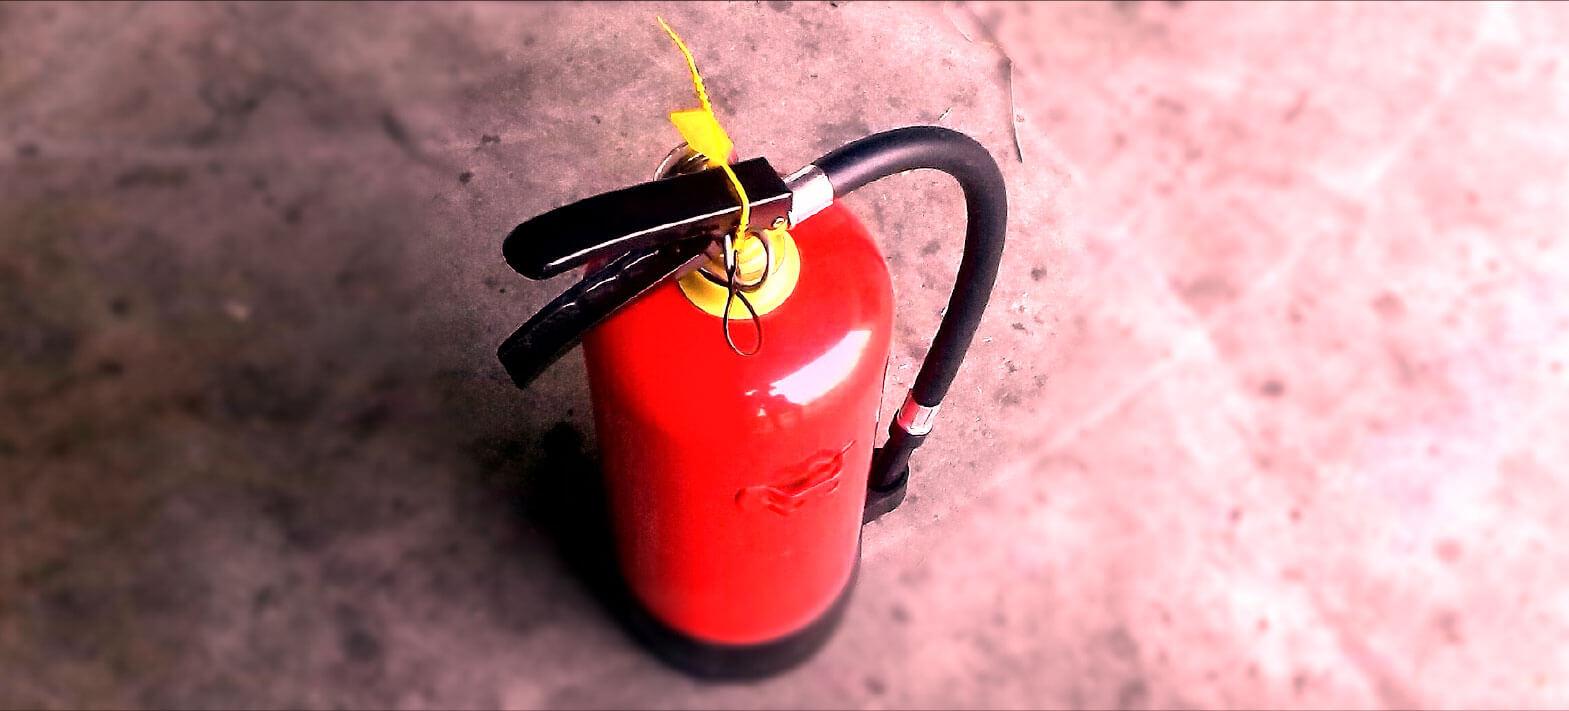 Ausbildung Brandschutz